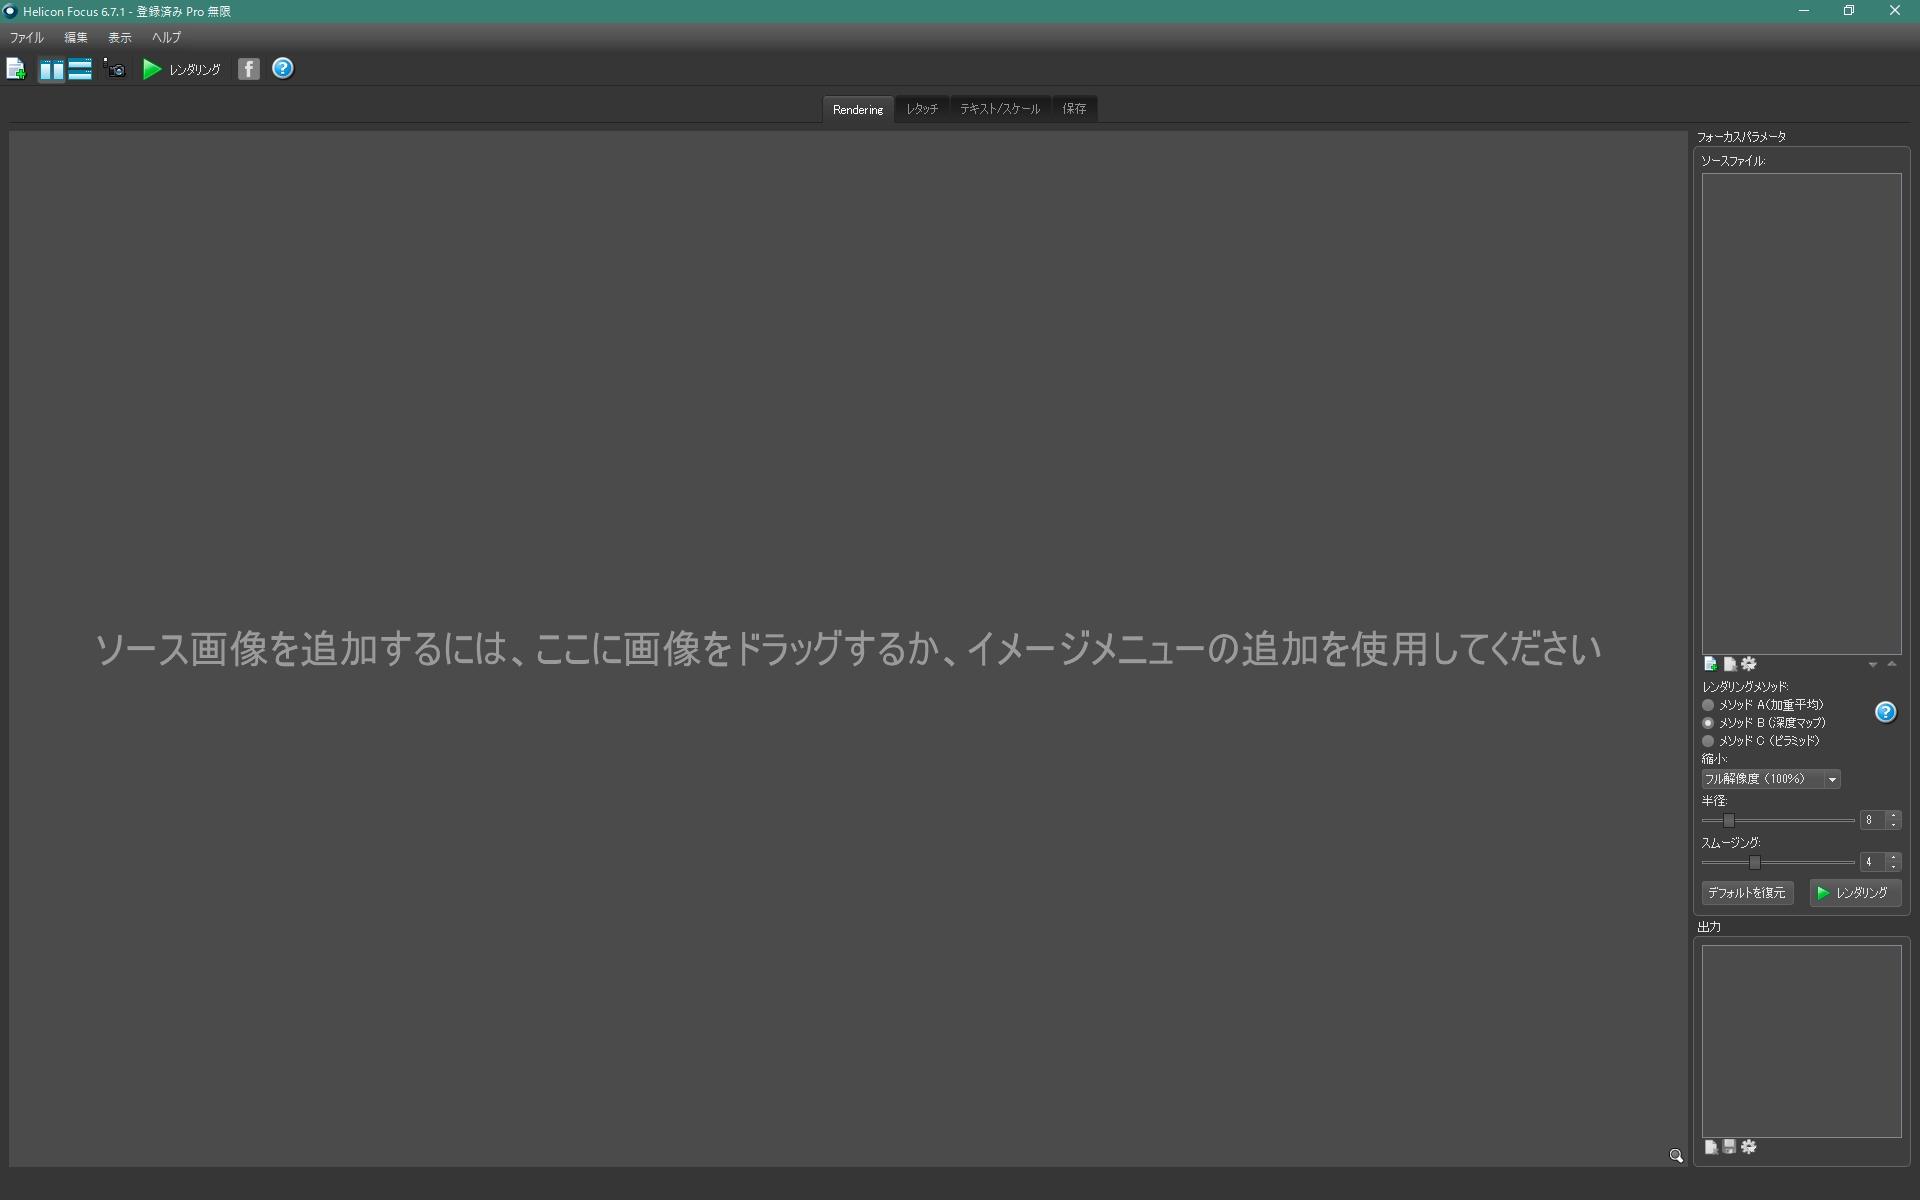 Helicon Focusの起動画面。海外製ソフトだが日本語化されているのがうれしい。